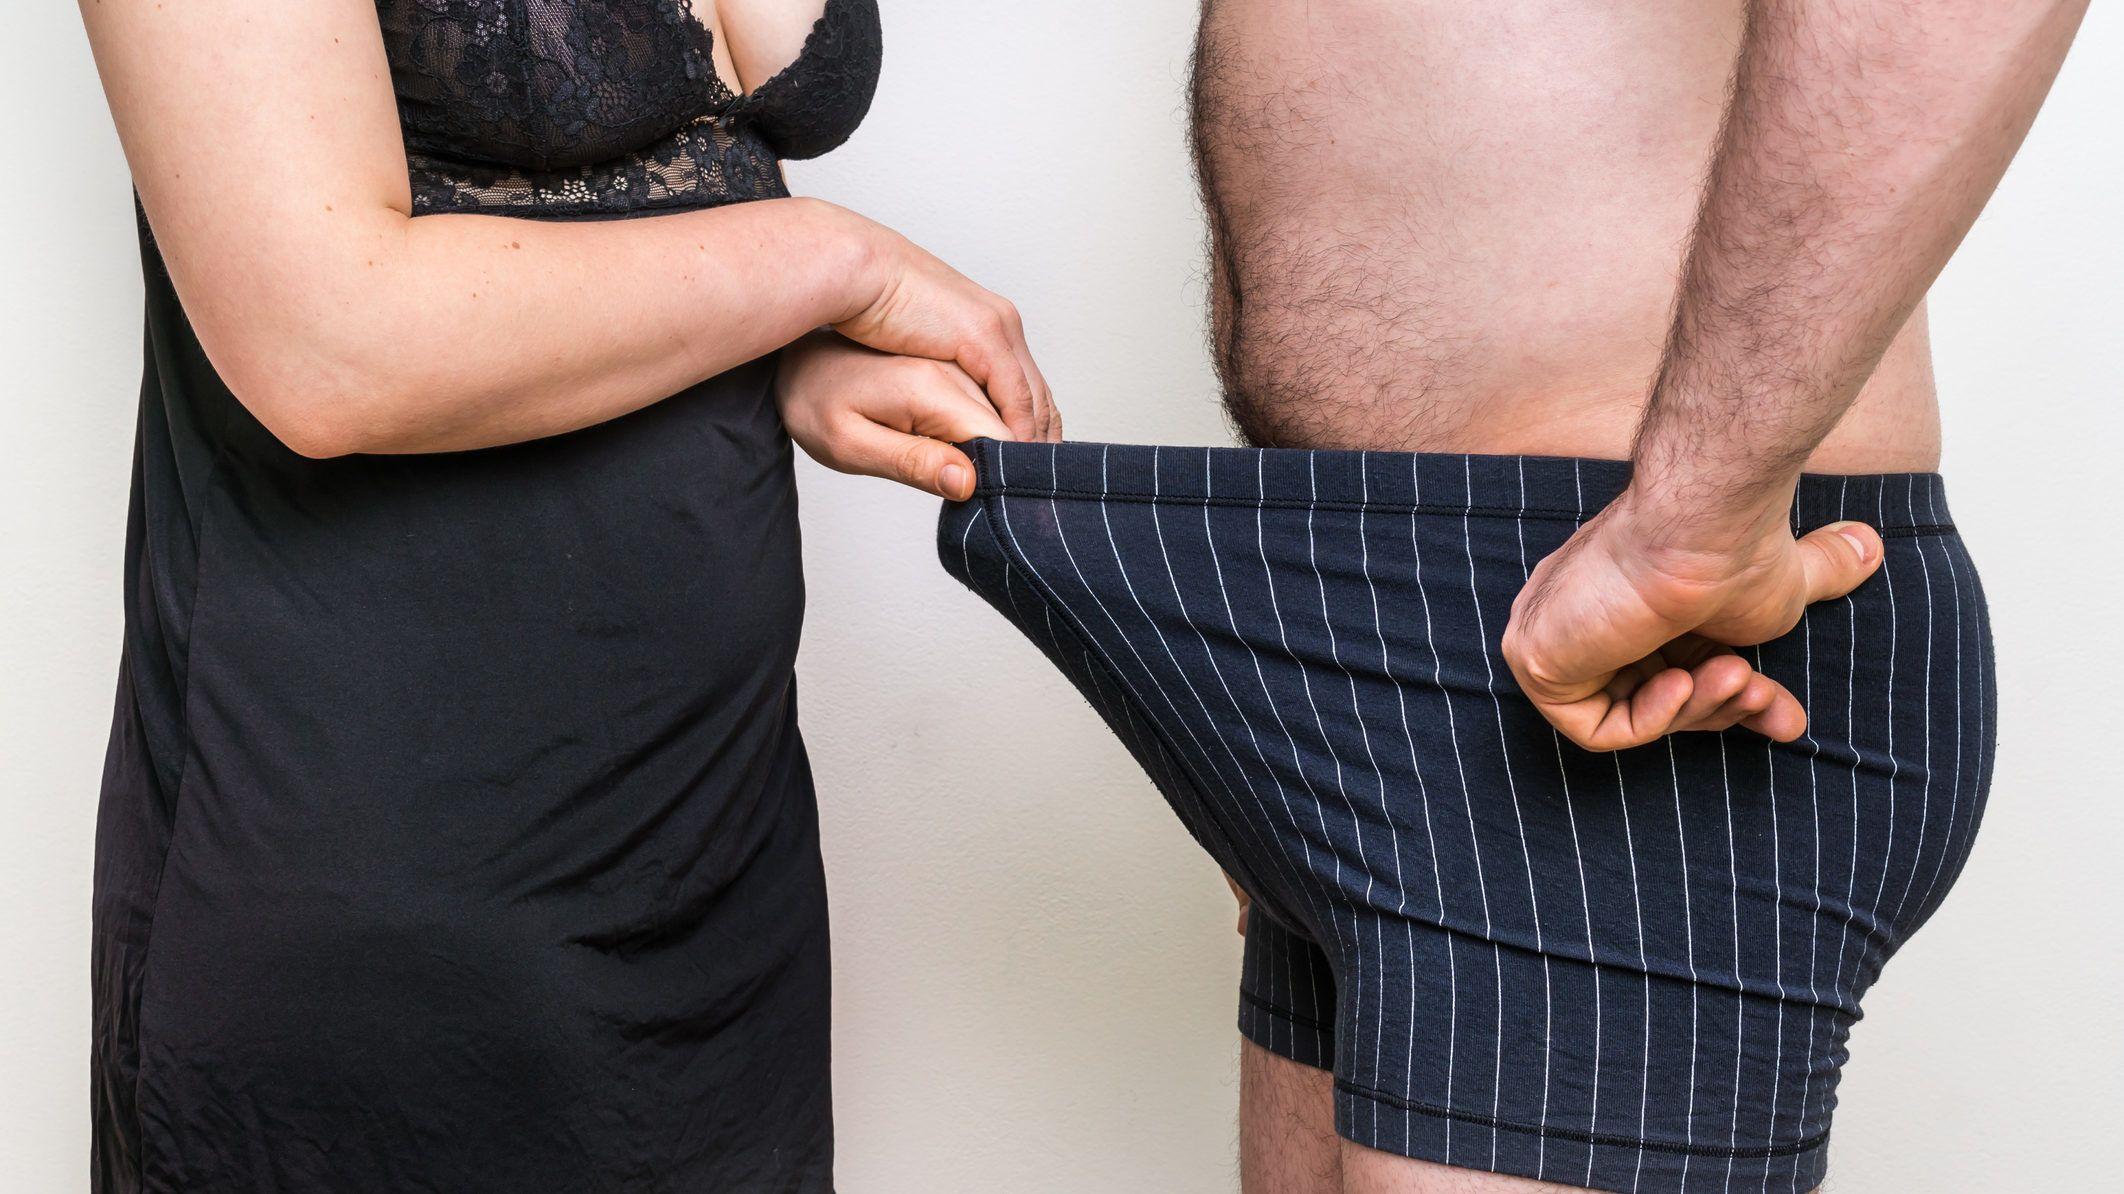 átlagos péniszhossz merevedési állapotban